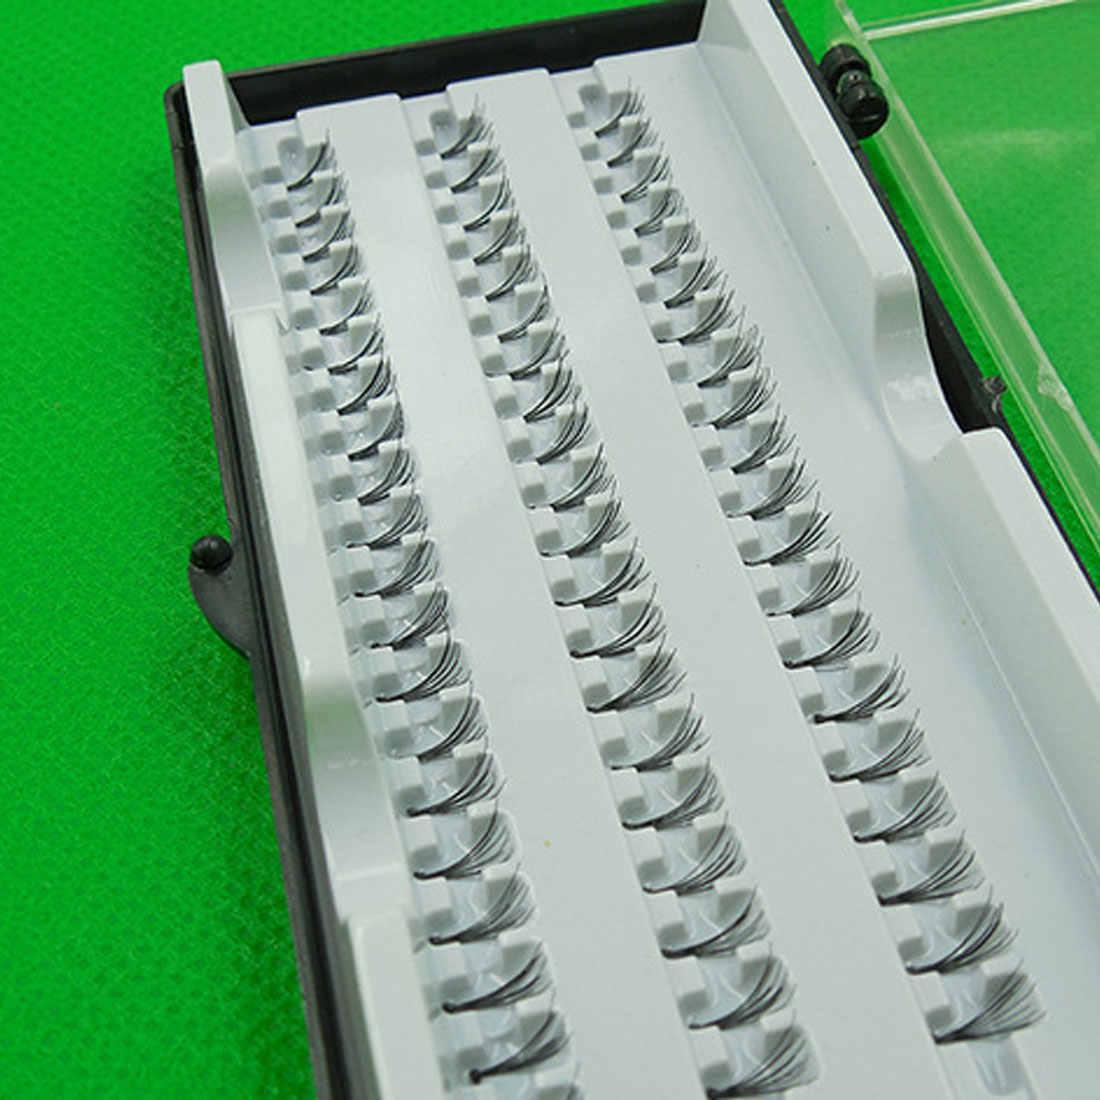 Высокое качество ручной работы накладные наращивание ресниц натуральный длинный для наращивания ресниц Красота Здоровье накладные ресницы для макияжа